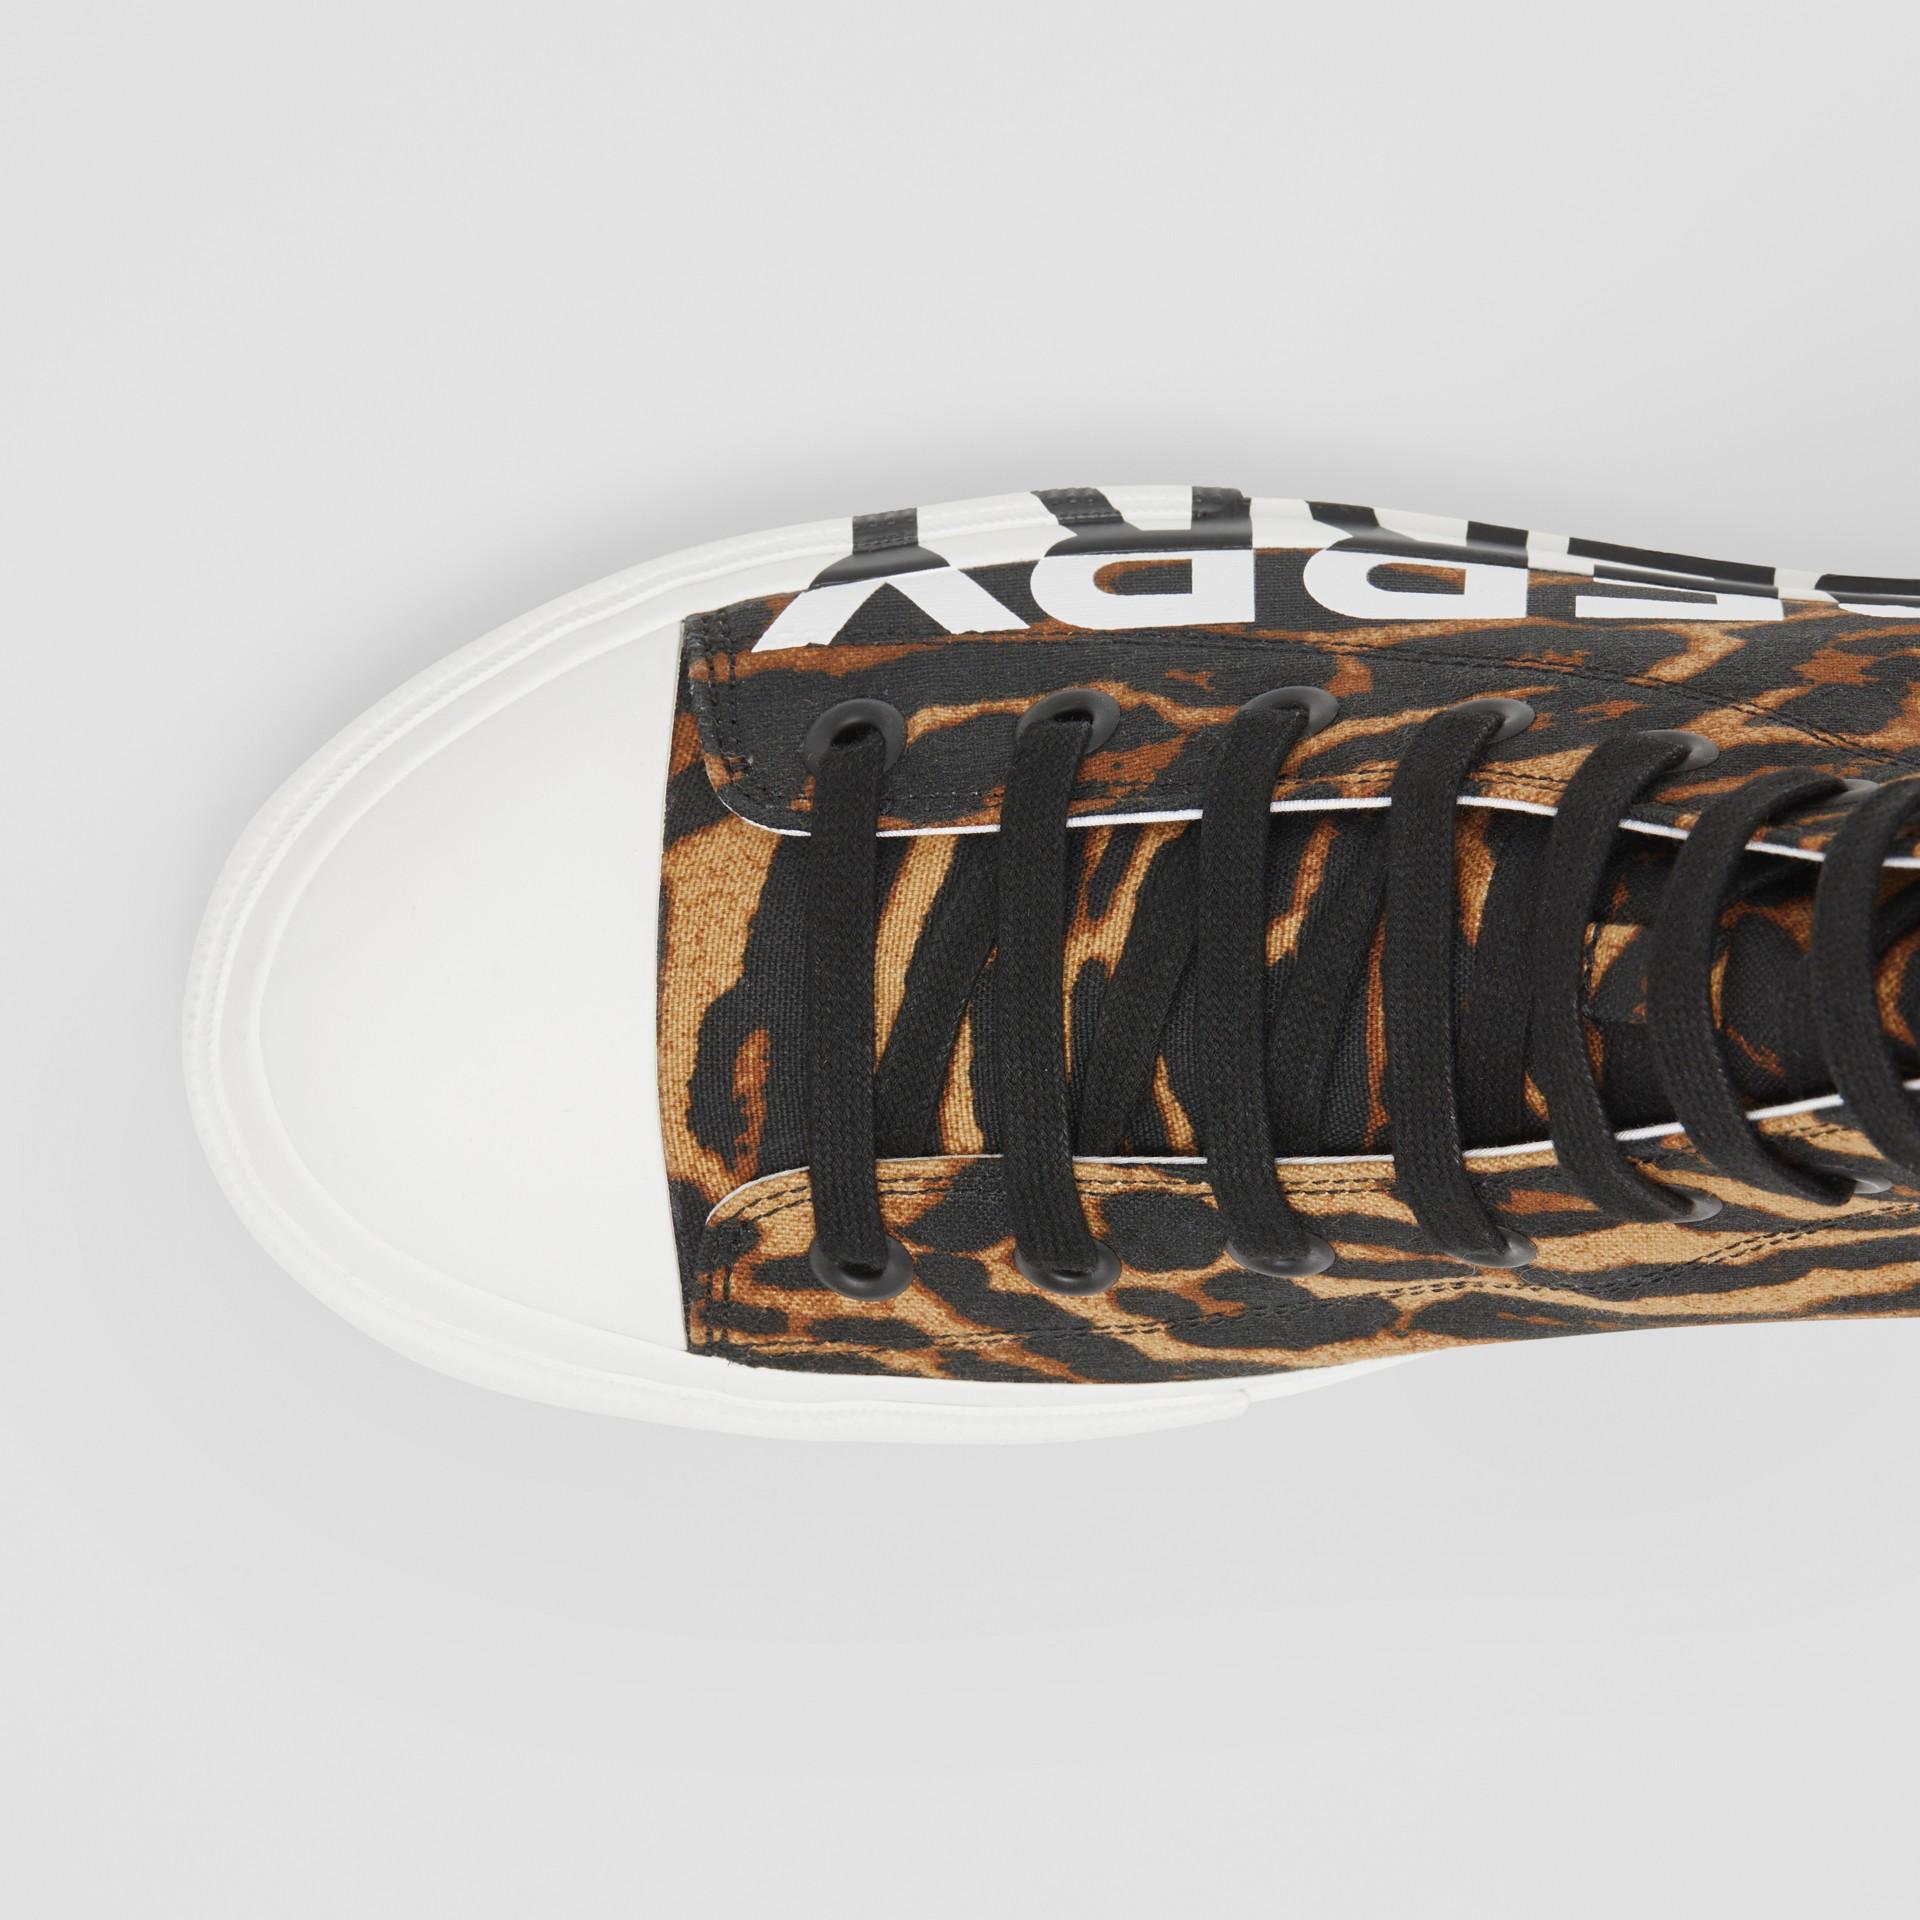 ロゴ&レオパードプリント ハイカットスニーカー (ブラウン) - メンズ | バーバリー - ギャラリーイメージ 1